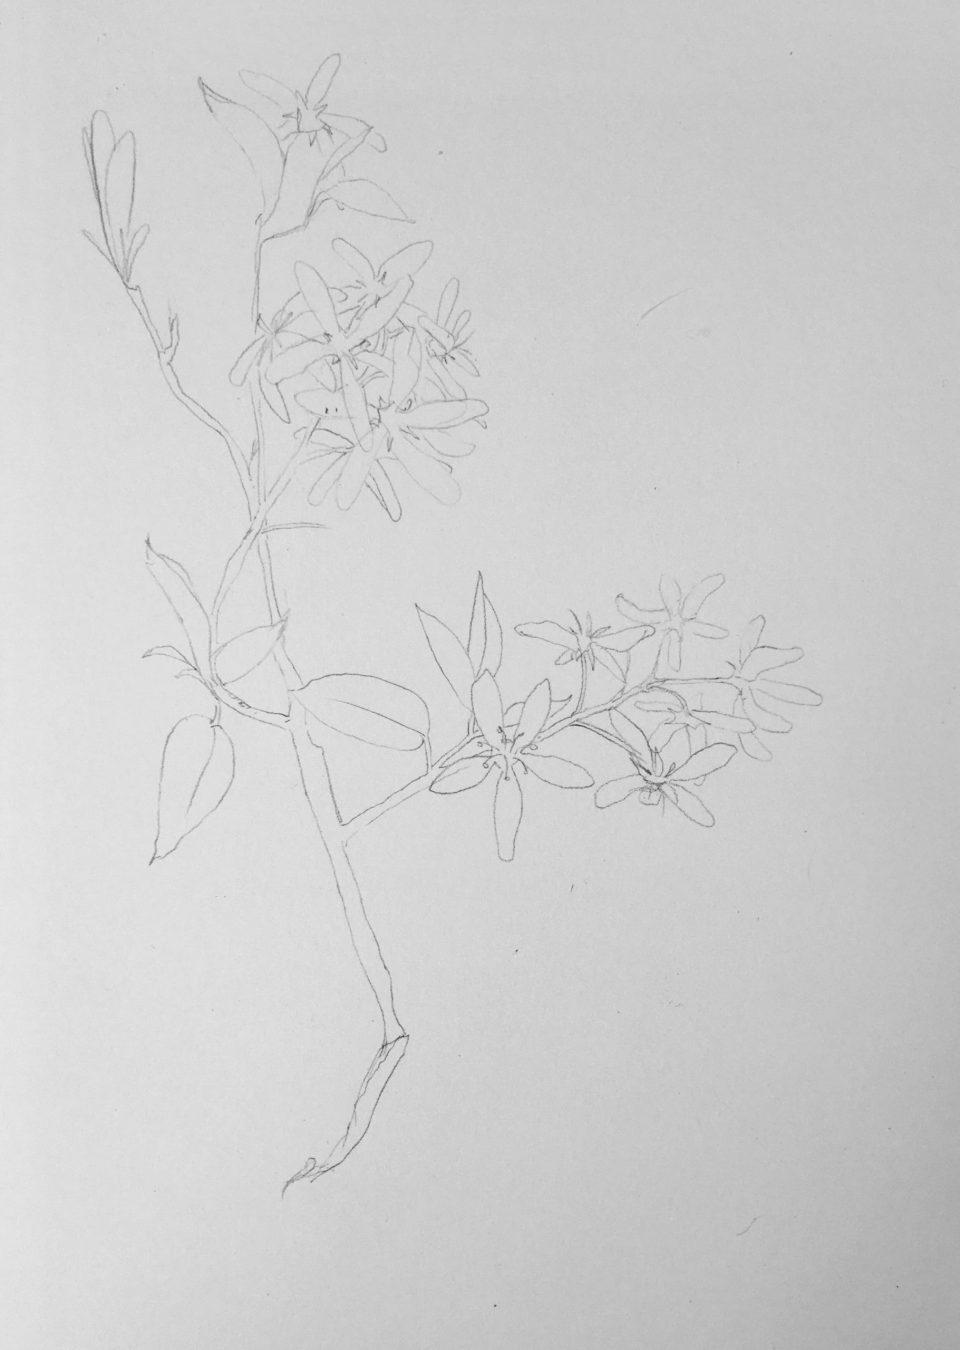 предварительный рисунок карандашом на мастер классе по ботанике